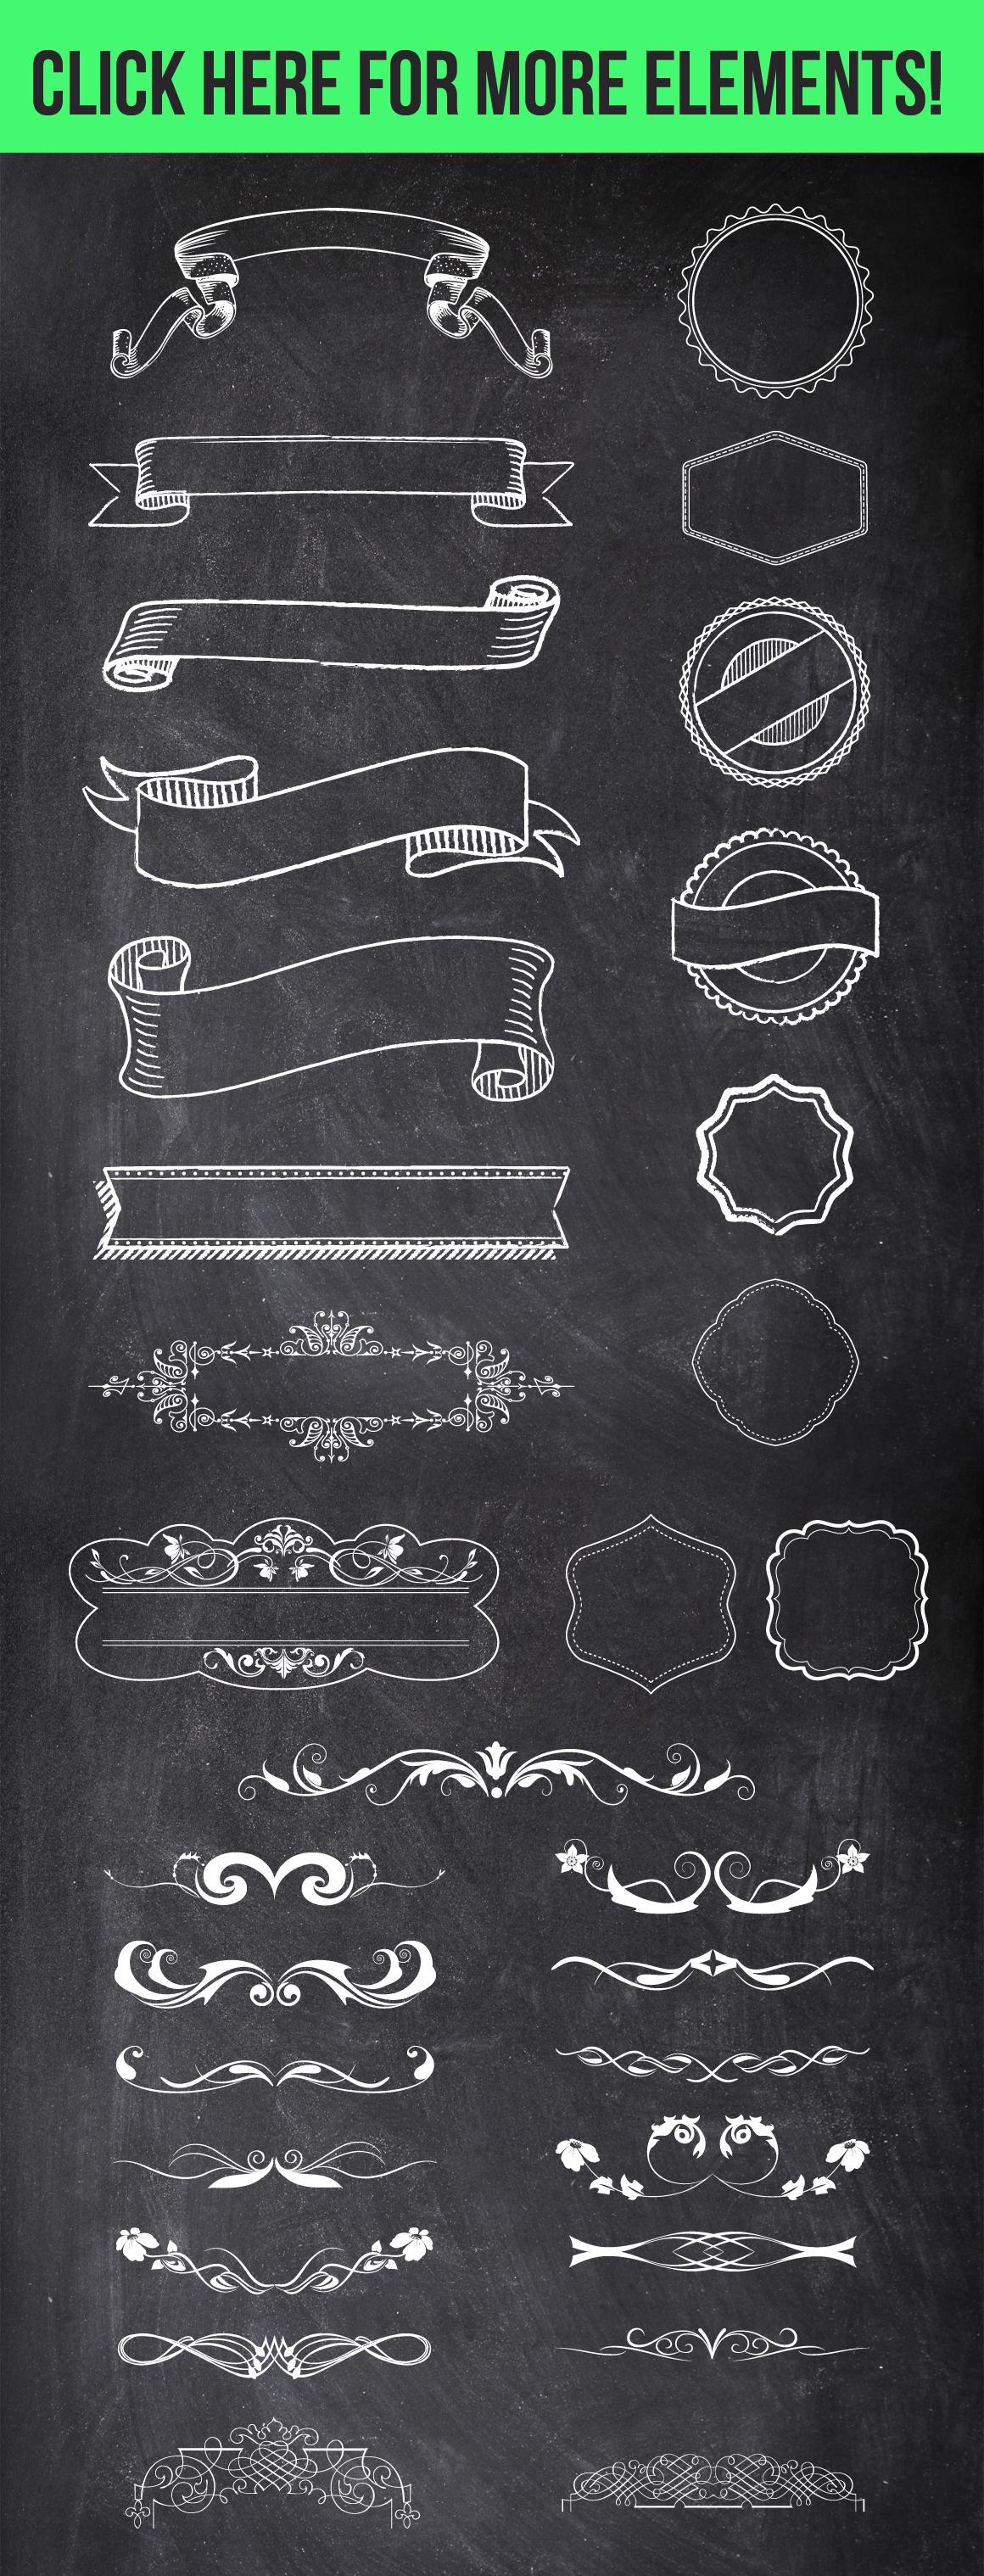 100 Chalk Elements Mega Bundle example image 4